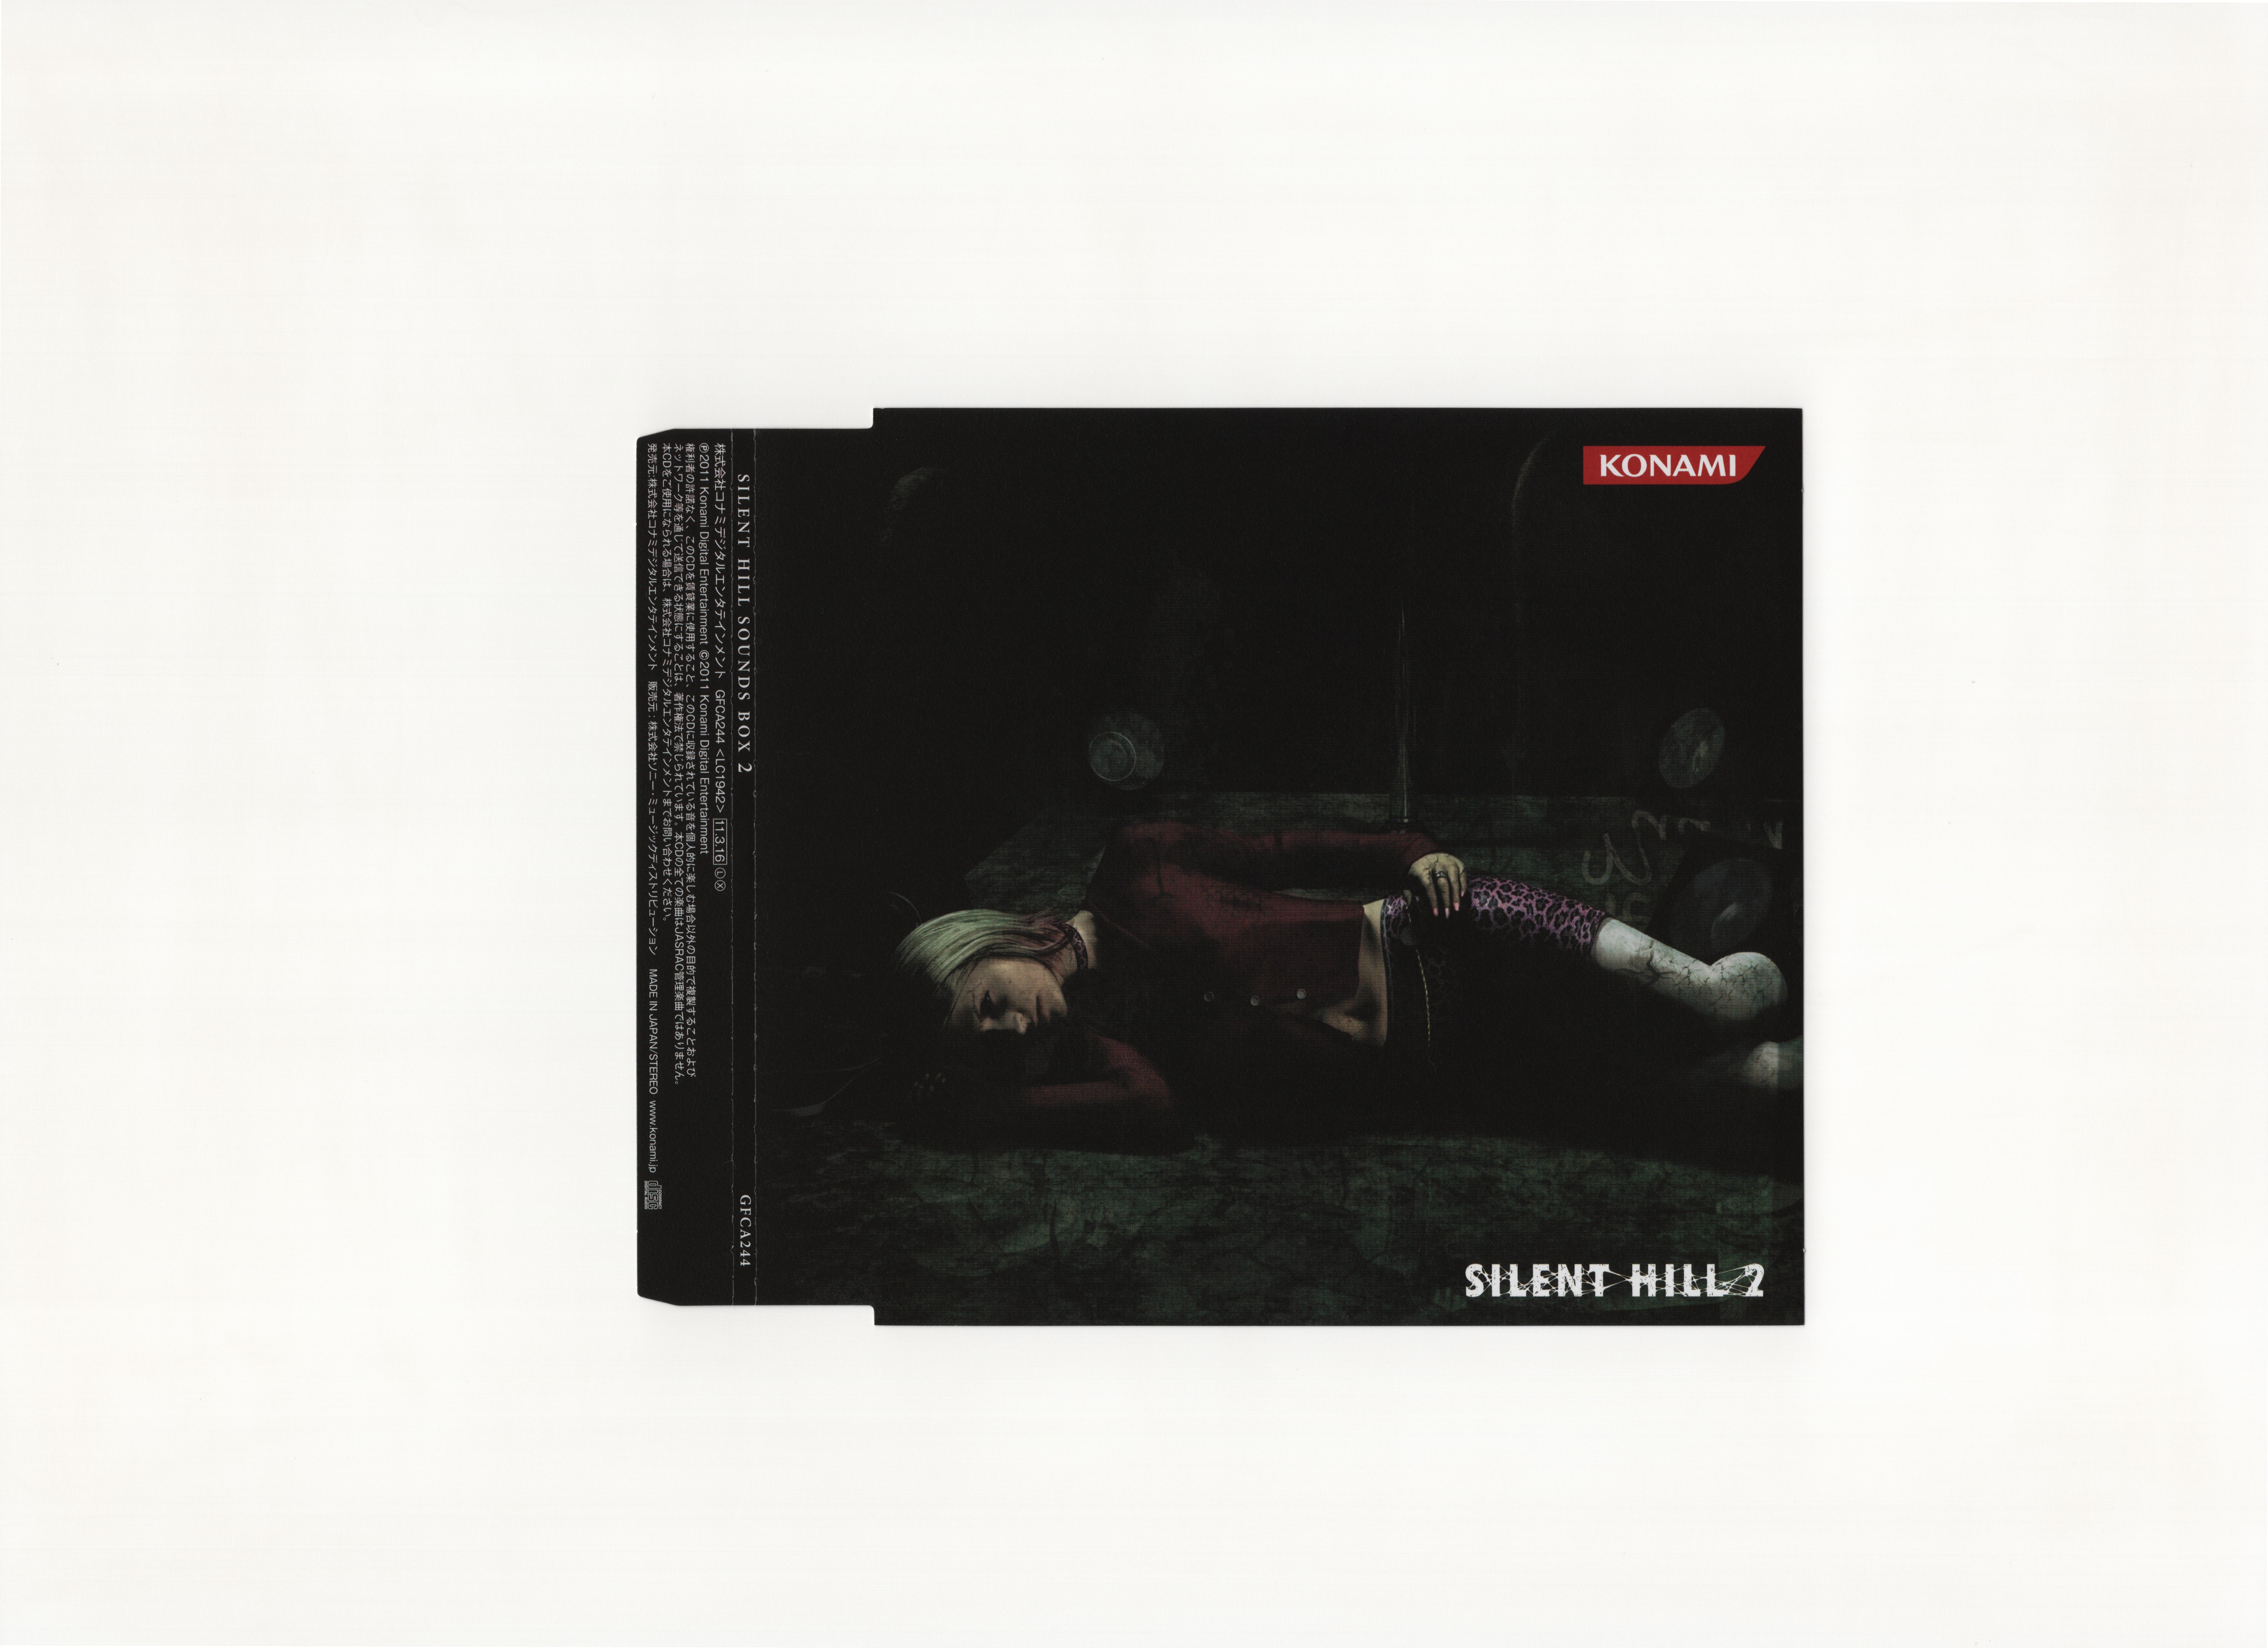 Silent Hill Sounds Box: Disc 2 Silent Hill 2 OST